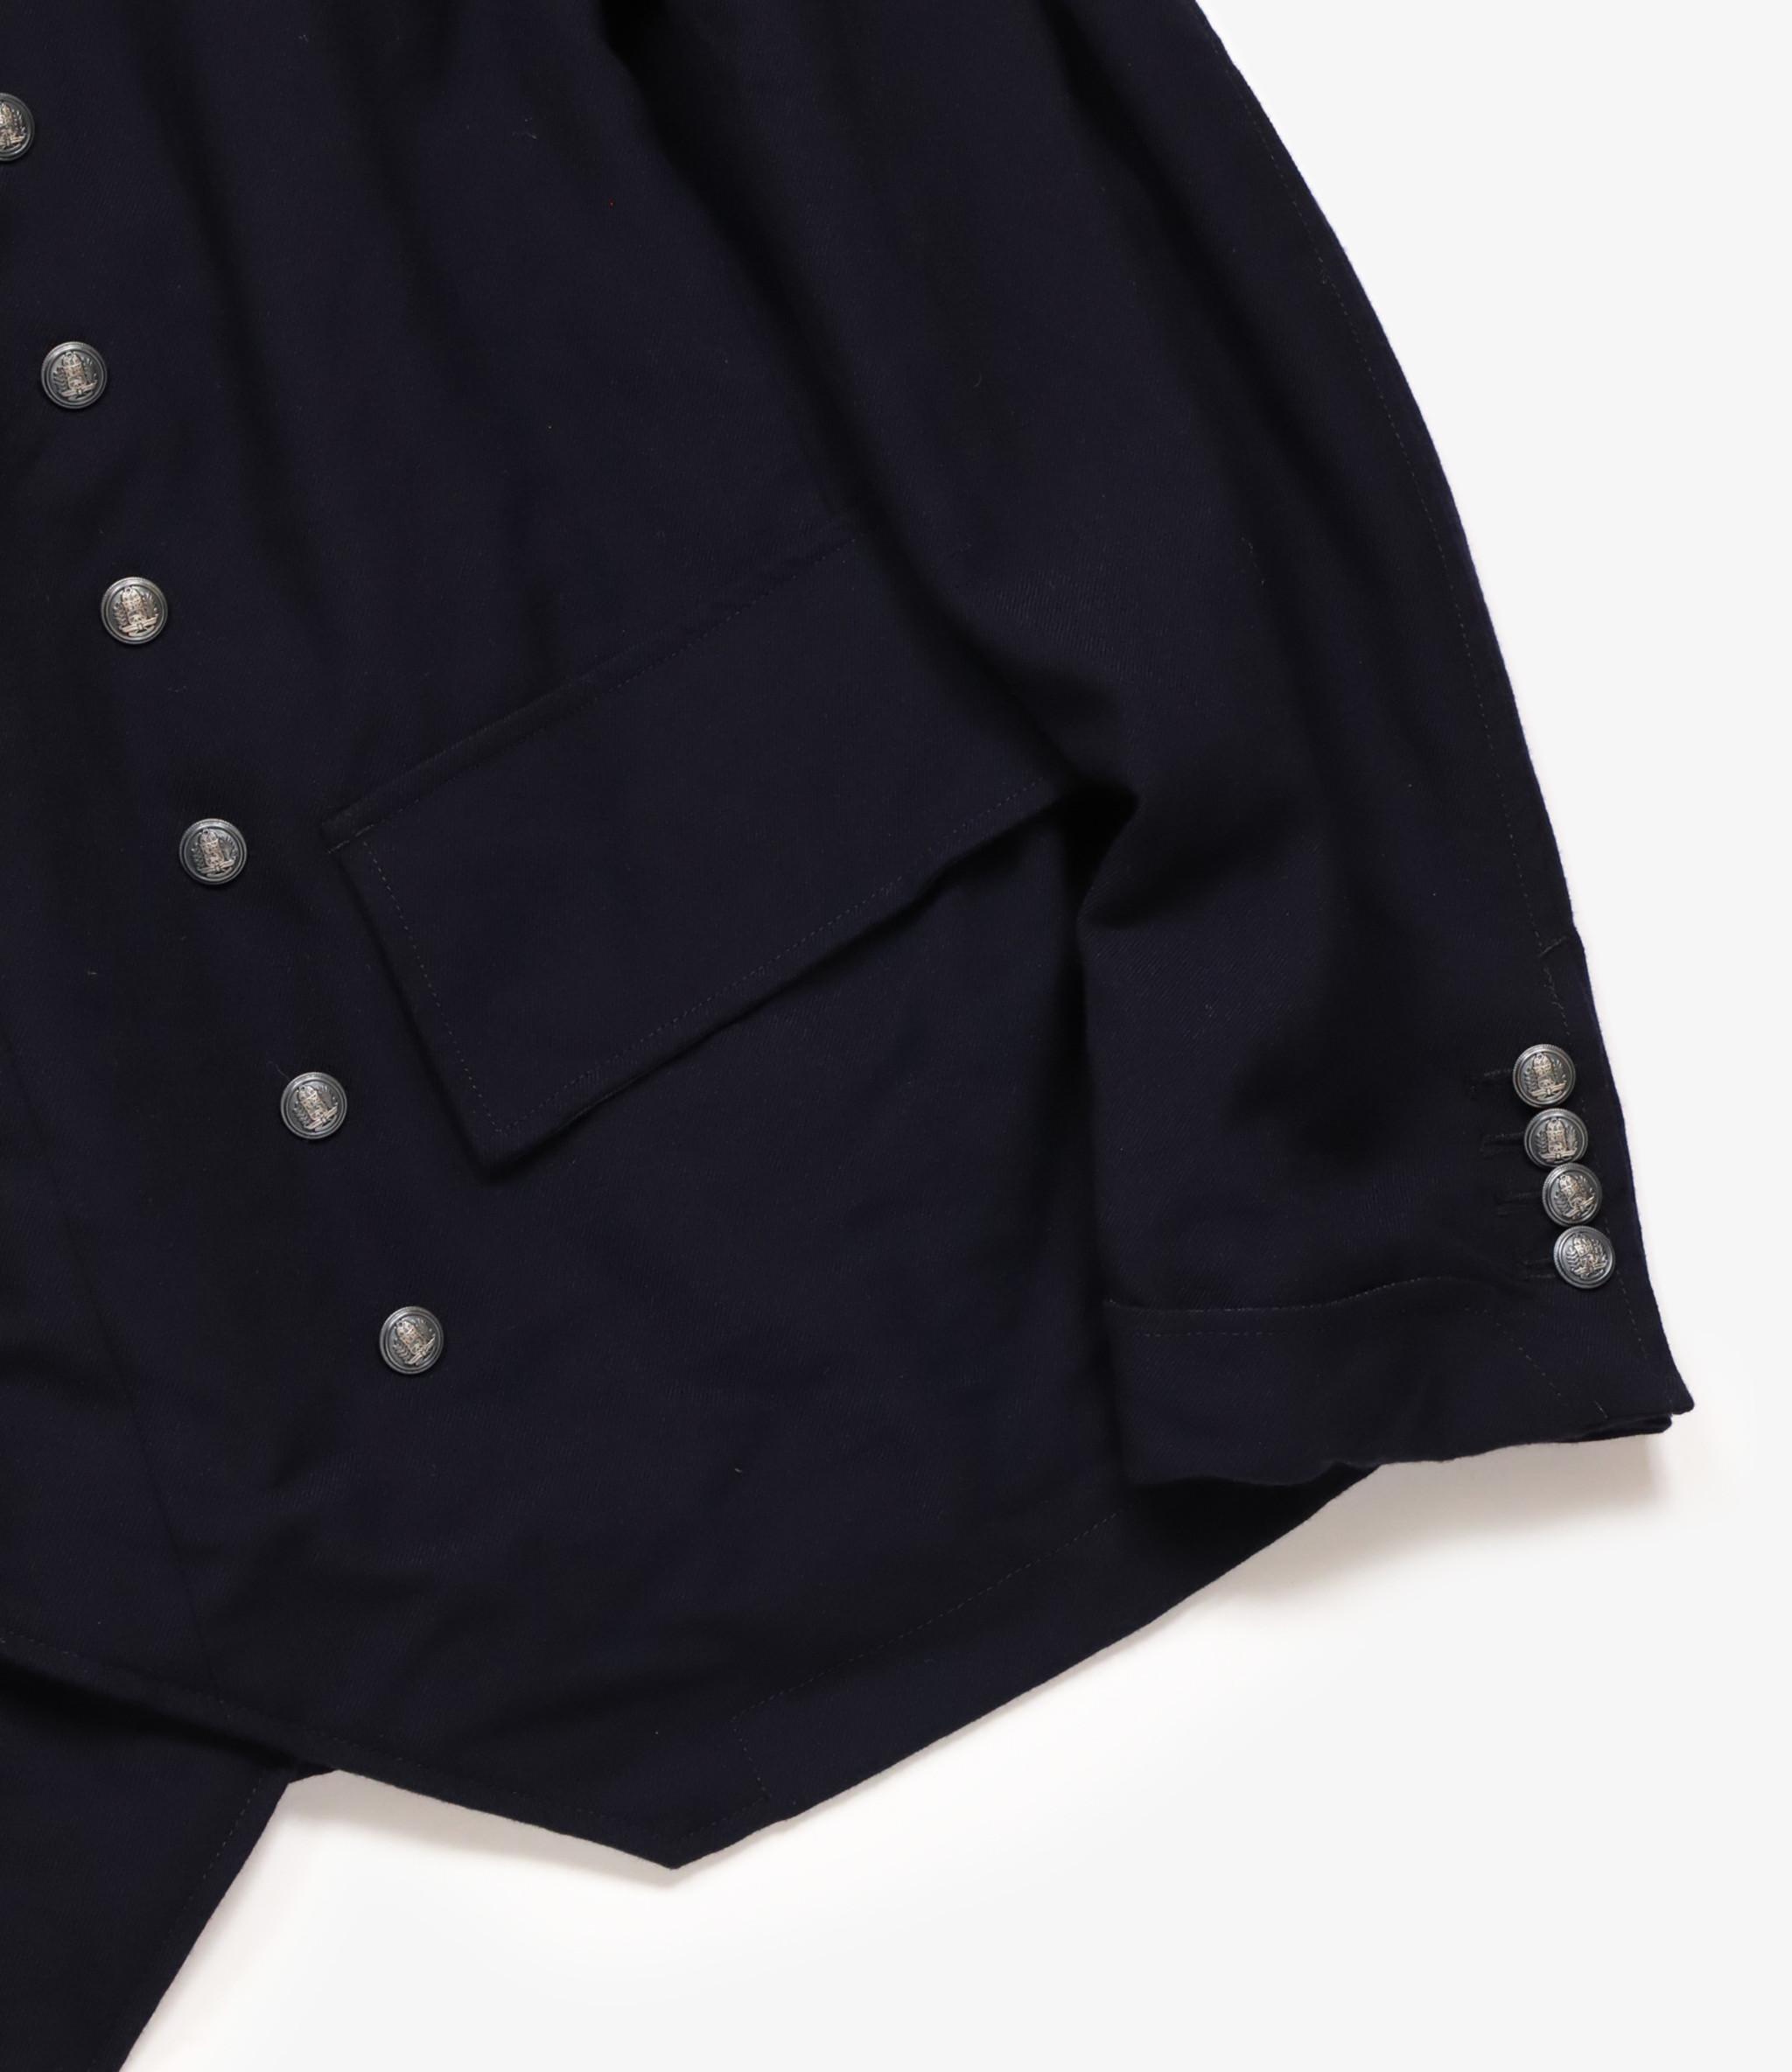 Engineered Garments Chelsea Jacket - Dark Navy Wool Uniform Serge